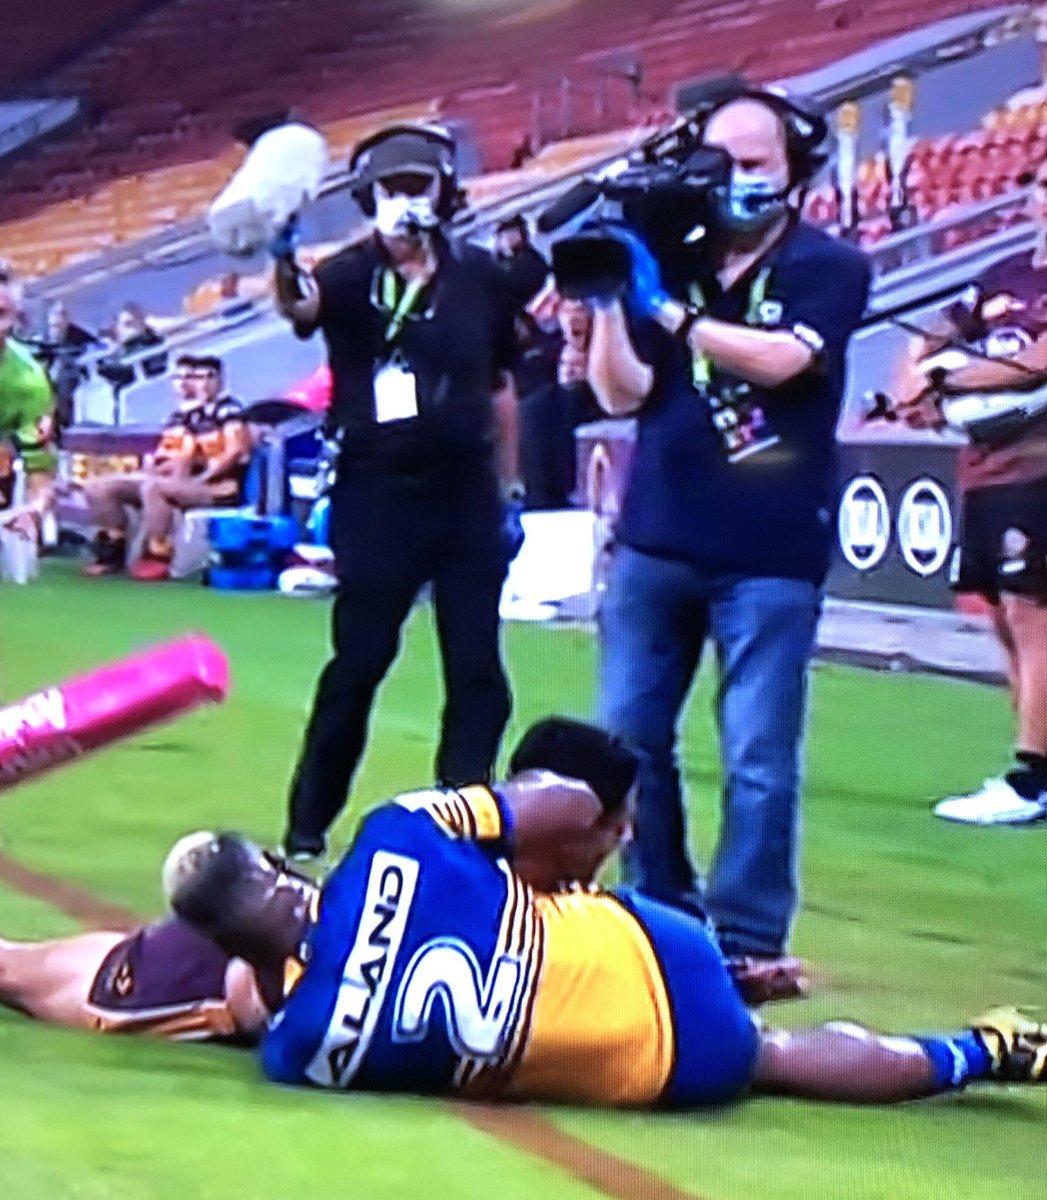 Nrl 2020 Returns Brisbane Broncos V Parramatta Eels In Round Three Live Bringznews